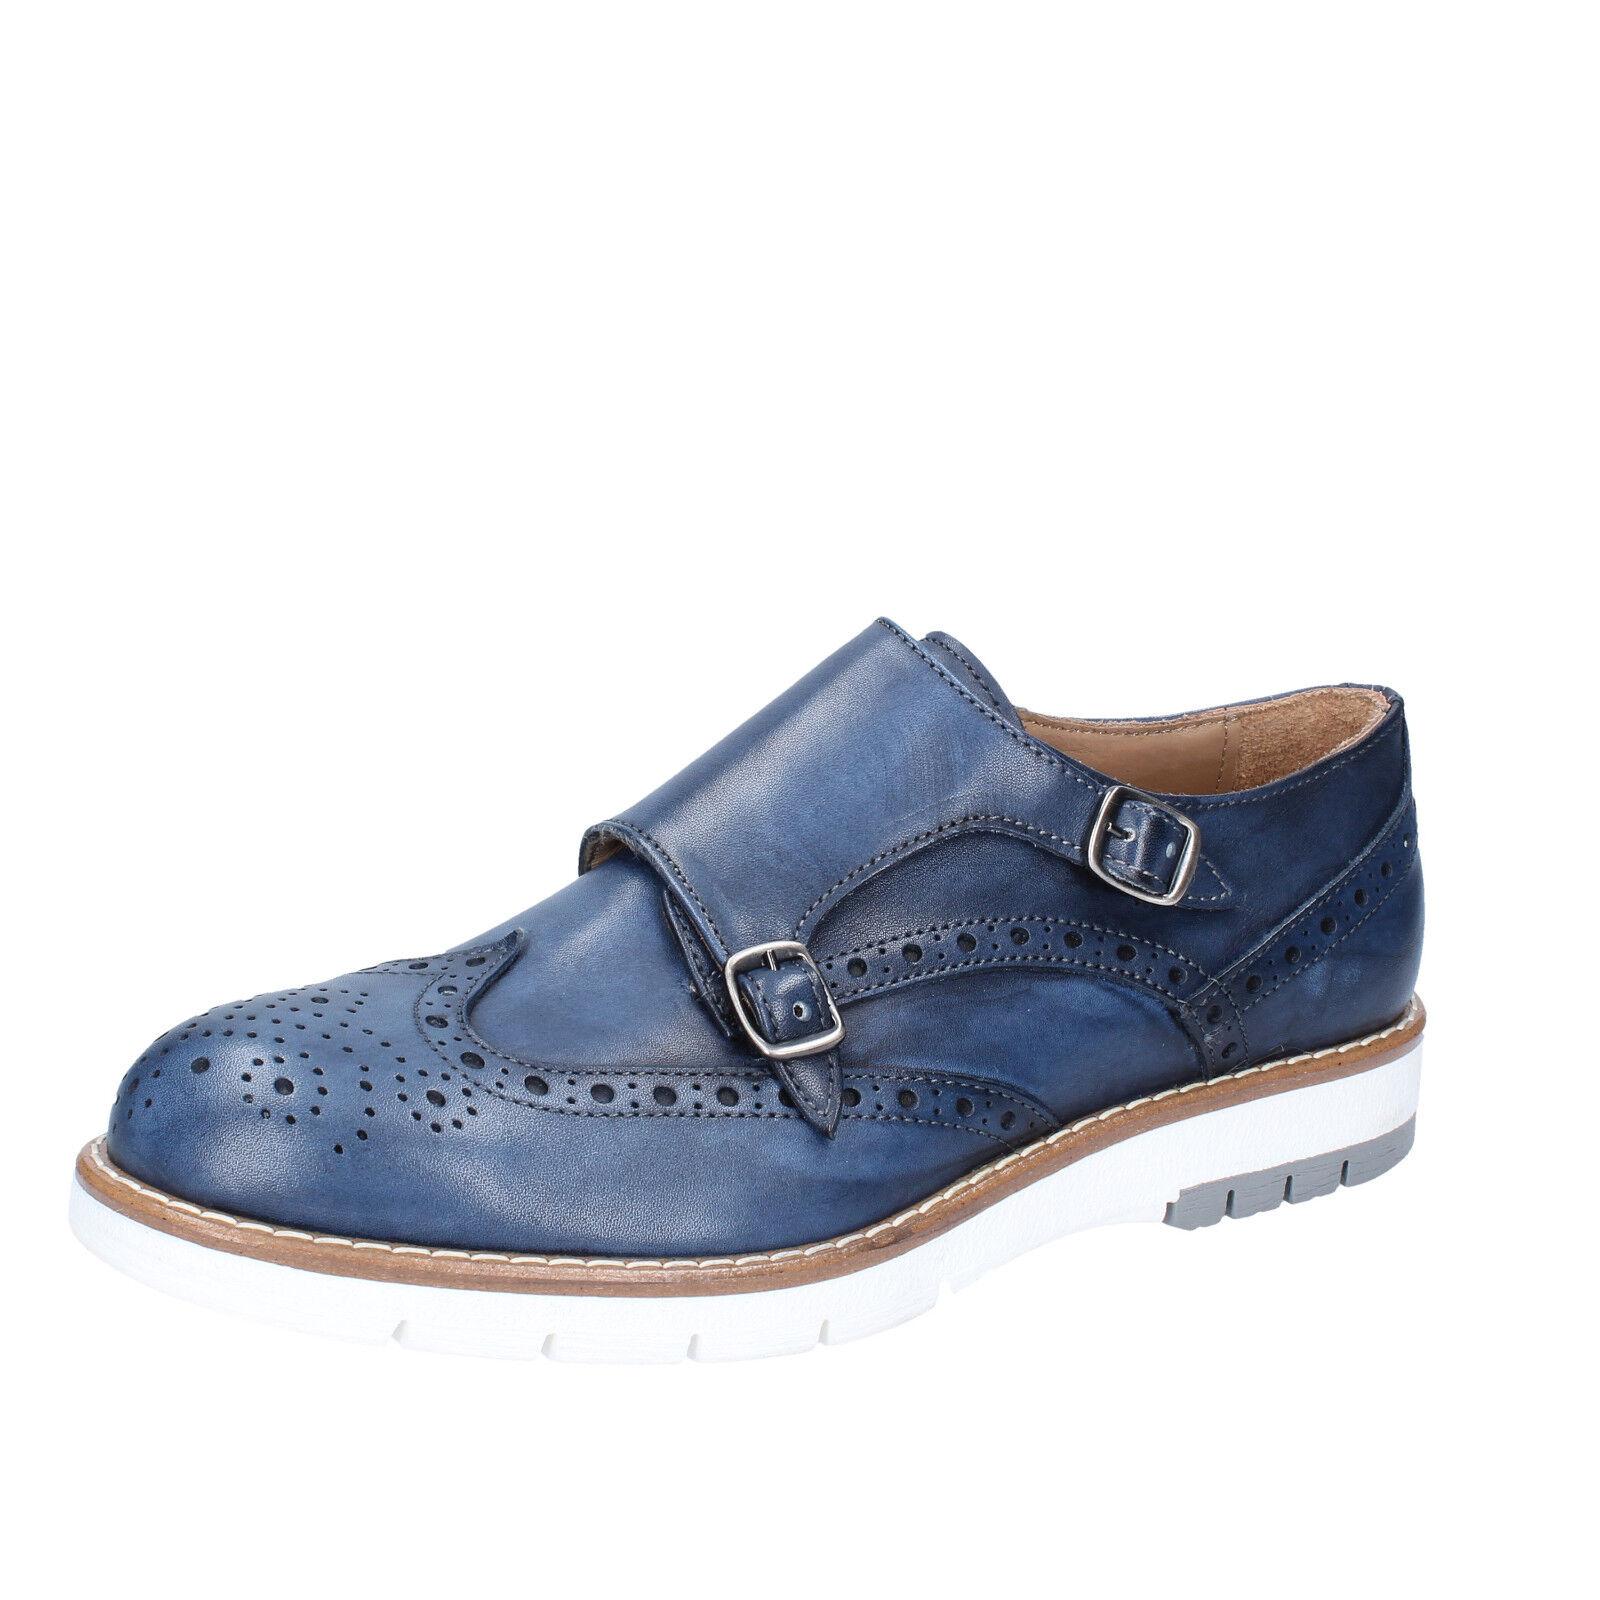 Herren schuhe DI MELLA 43 EU elegante elegante elegante blau leder AB927-D 5ba245